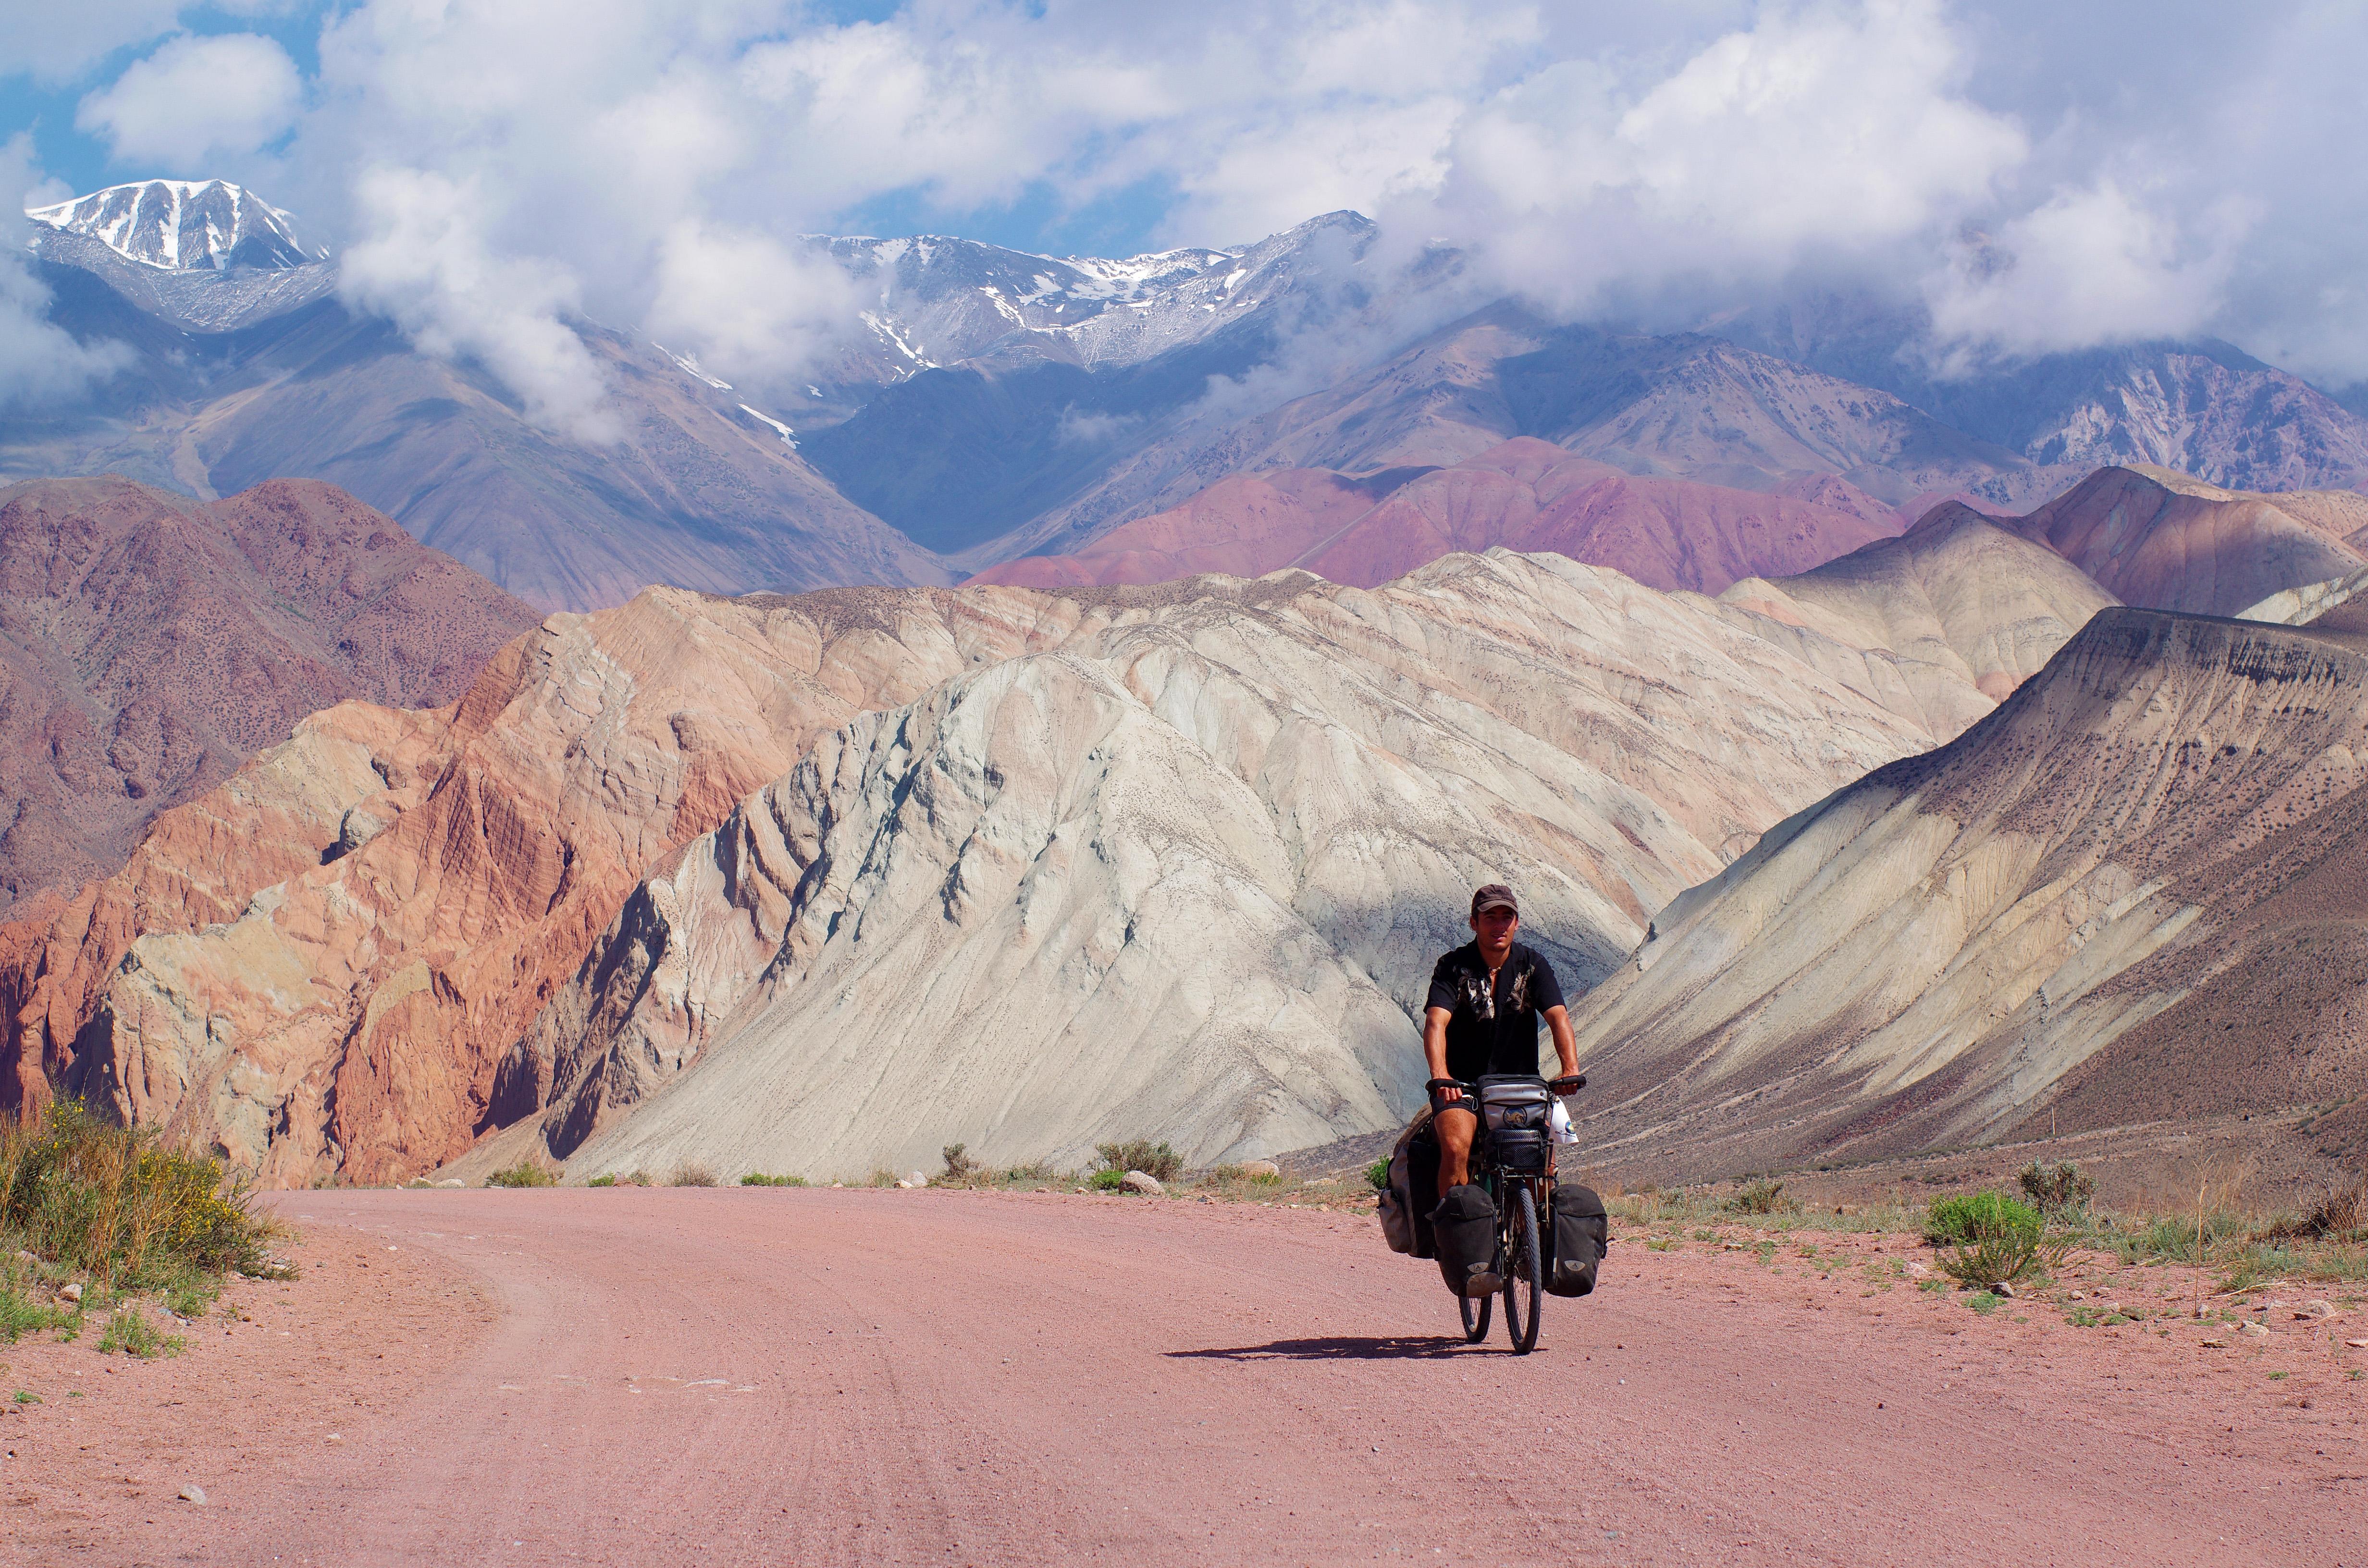 solidream montagne voyage